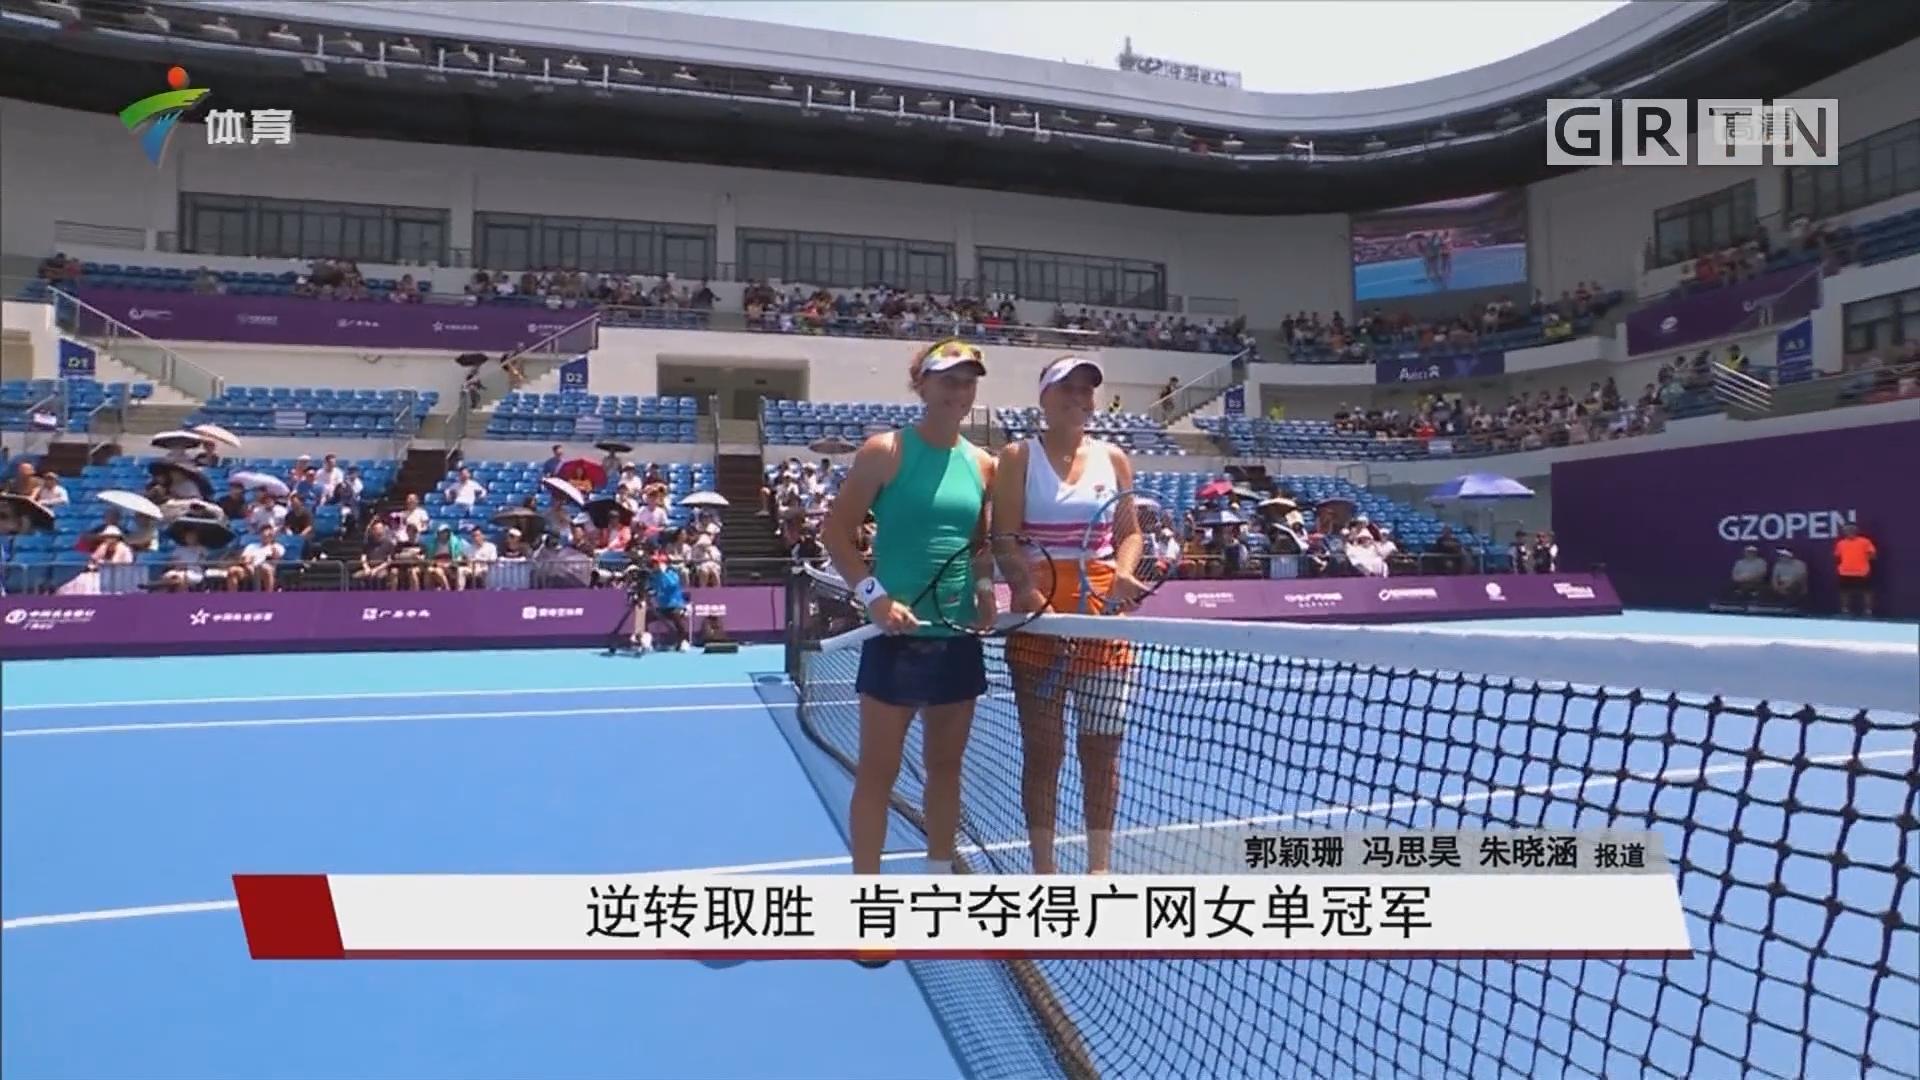 逆转取胜 肯宁夺得广网女单冠军